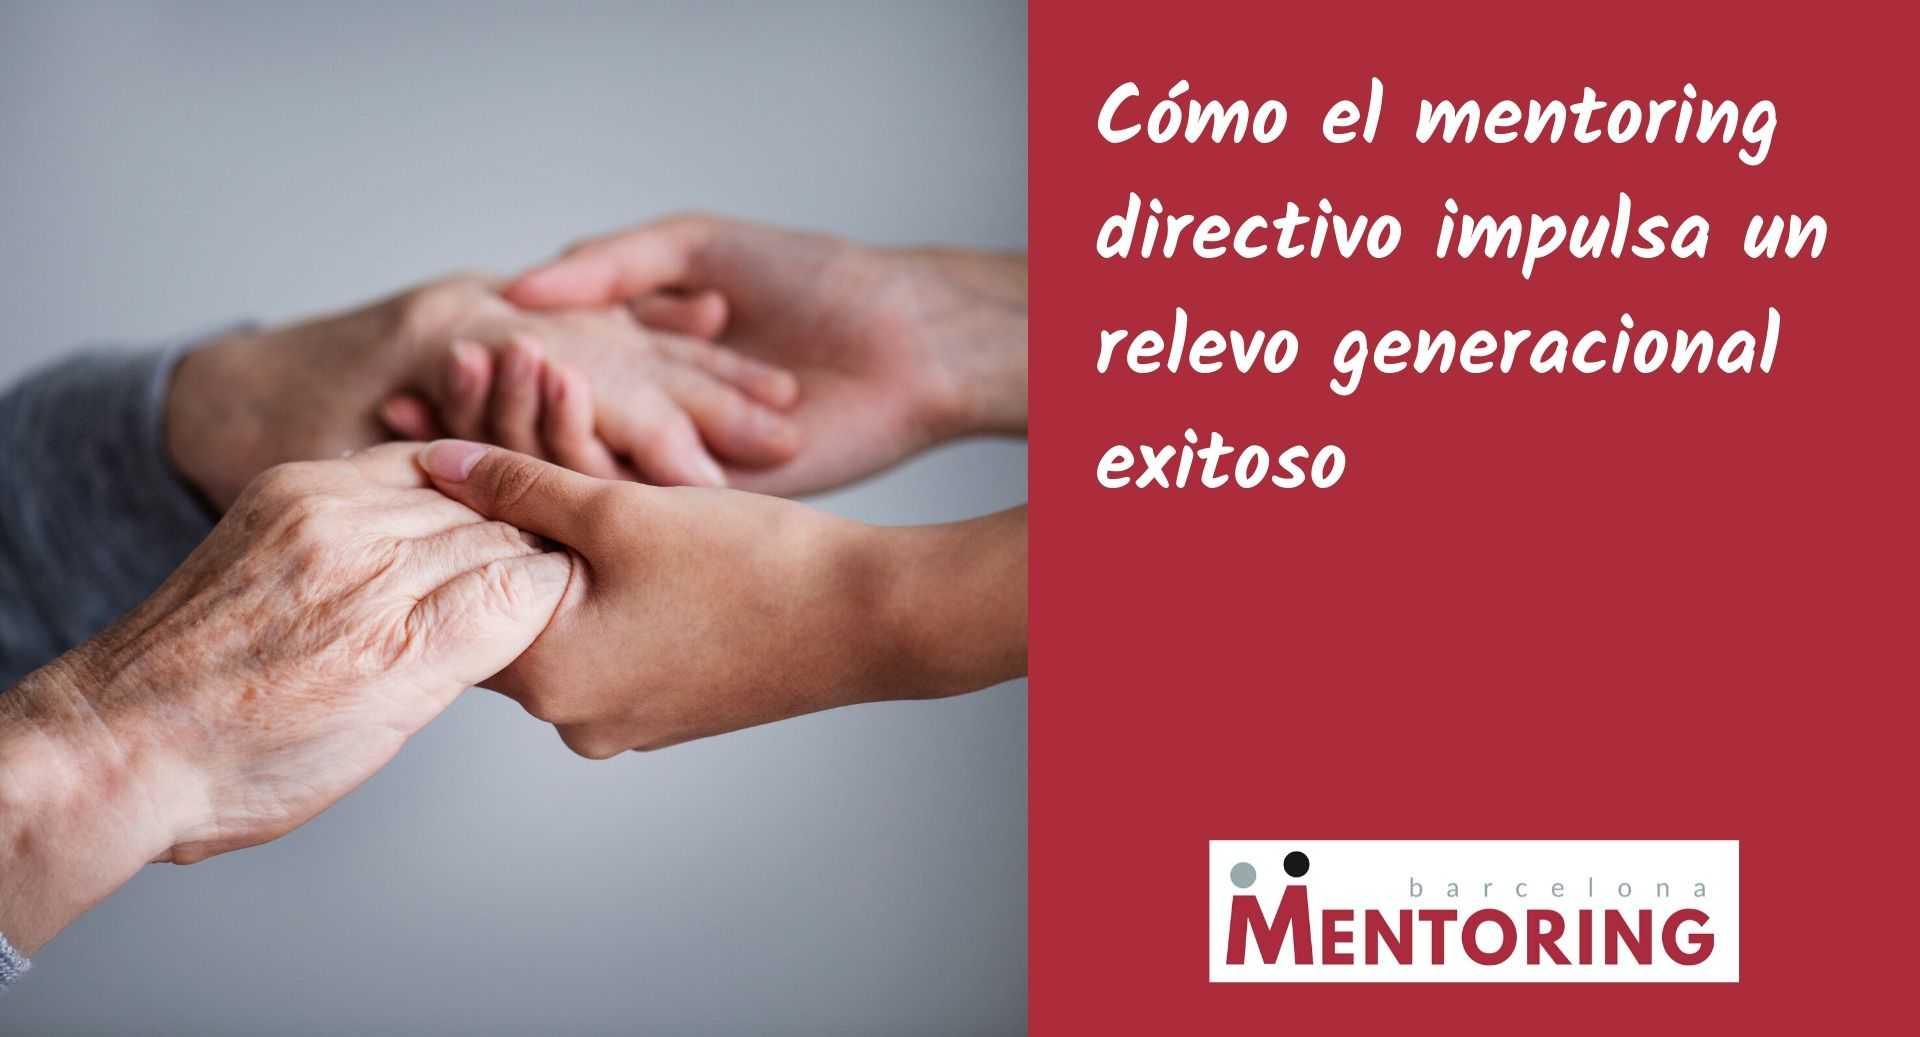 Relevo generacional con mentoring